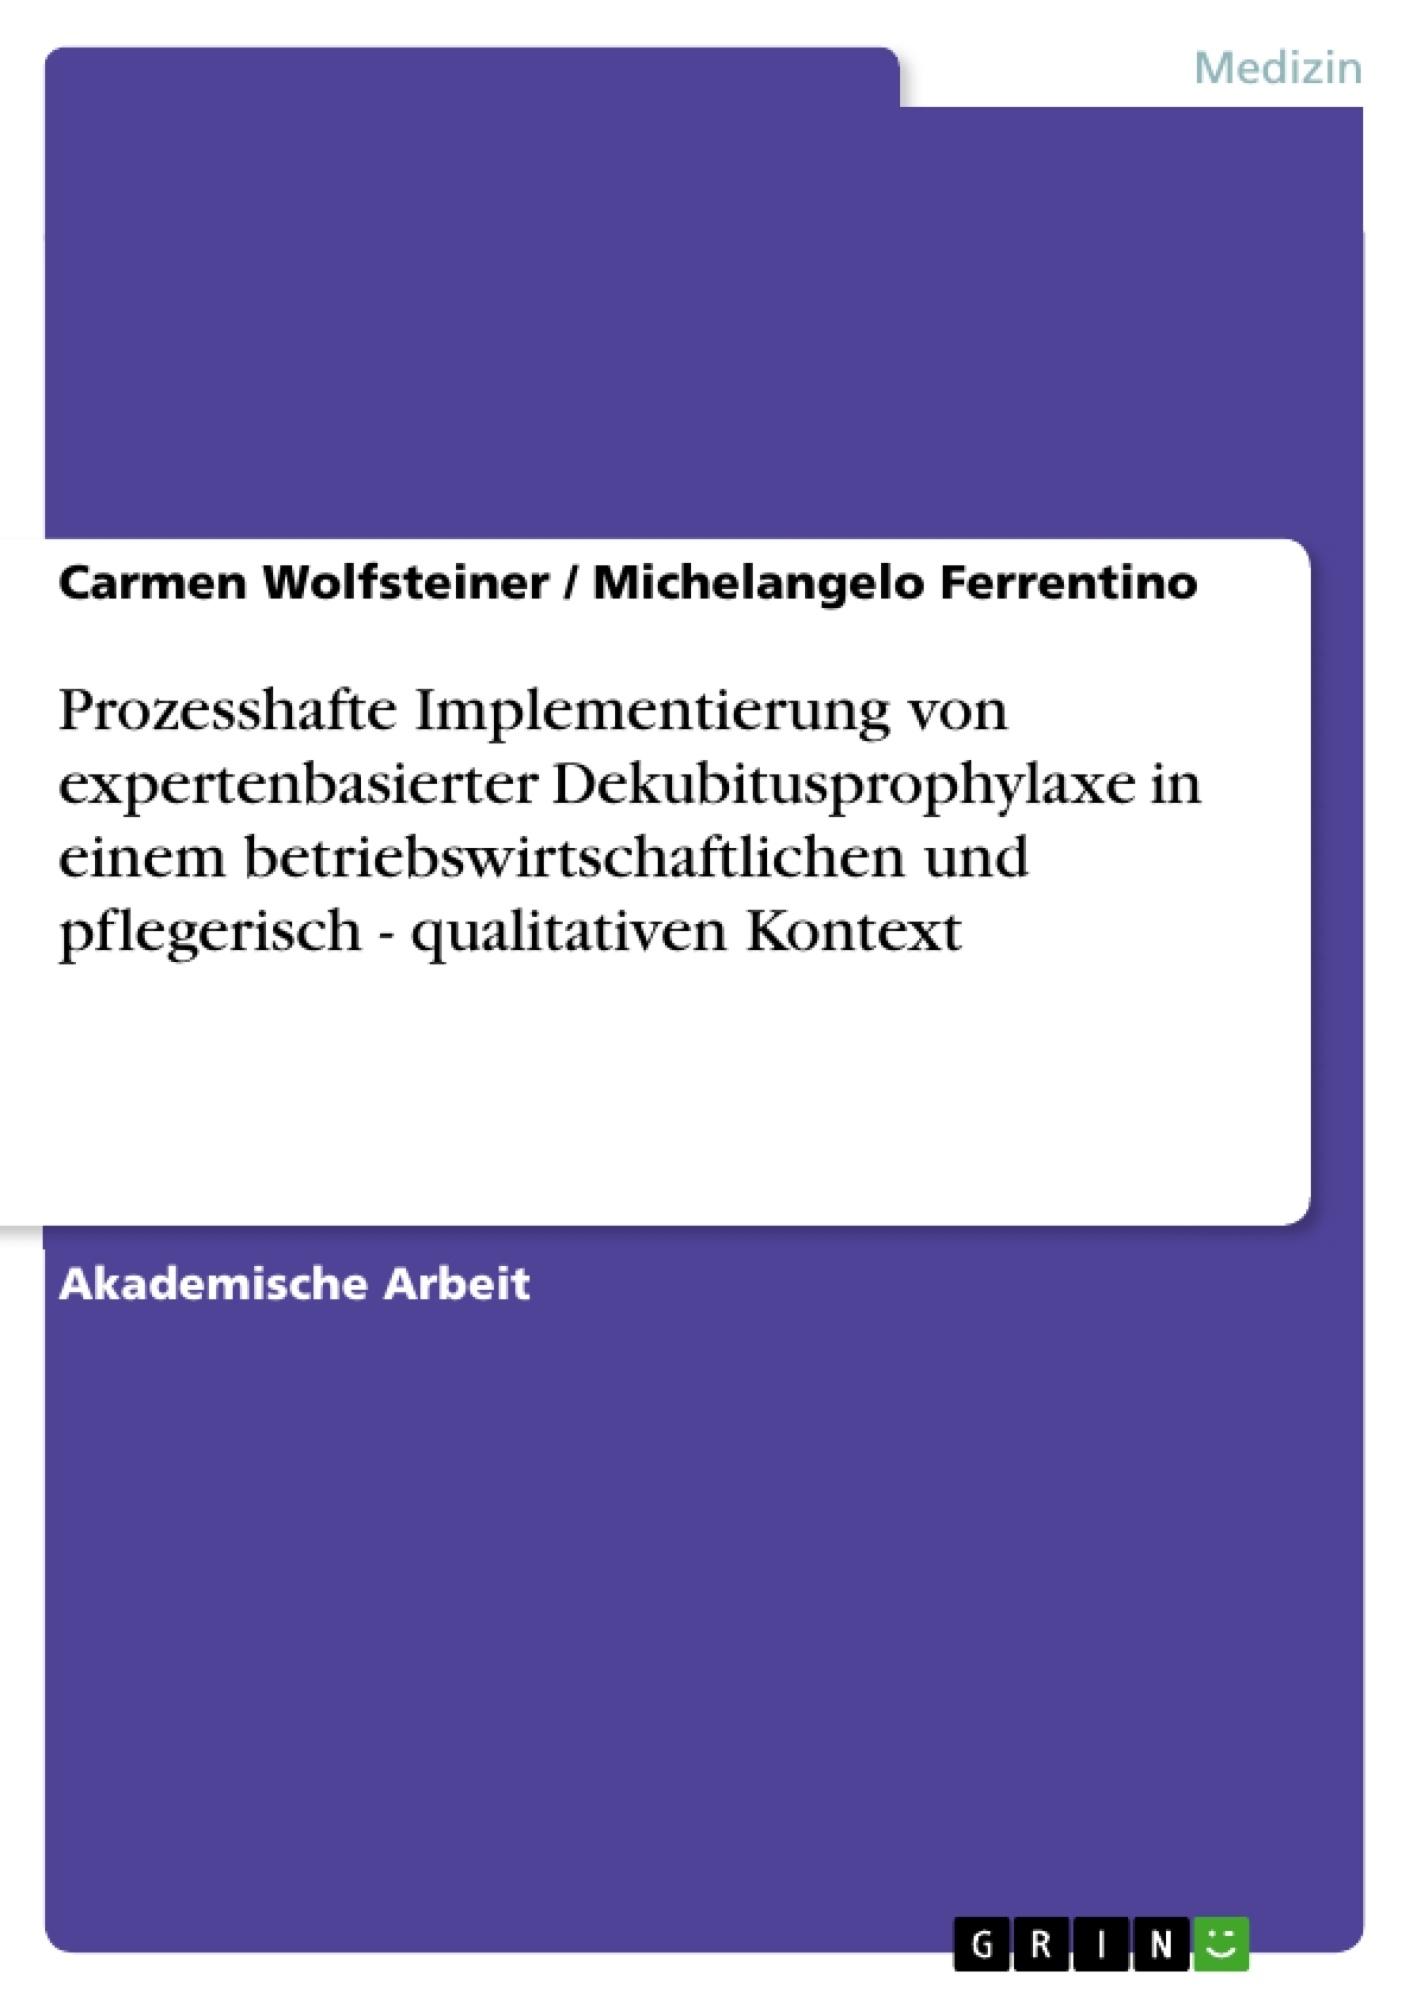 Titel: Prozesshafte Implementierung von expertenbasierter Dekubitusprophylaxe in einem betriebswirtschaftlichen und pflegerisch - qualitativen Kontext